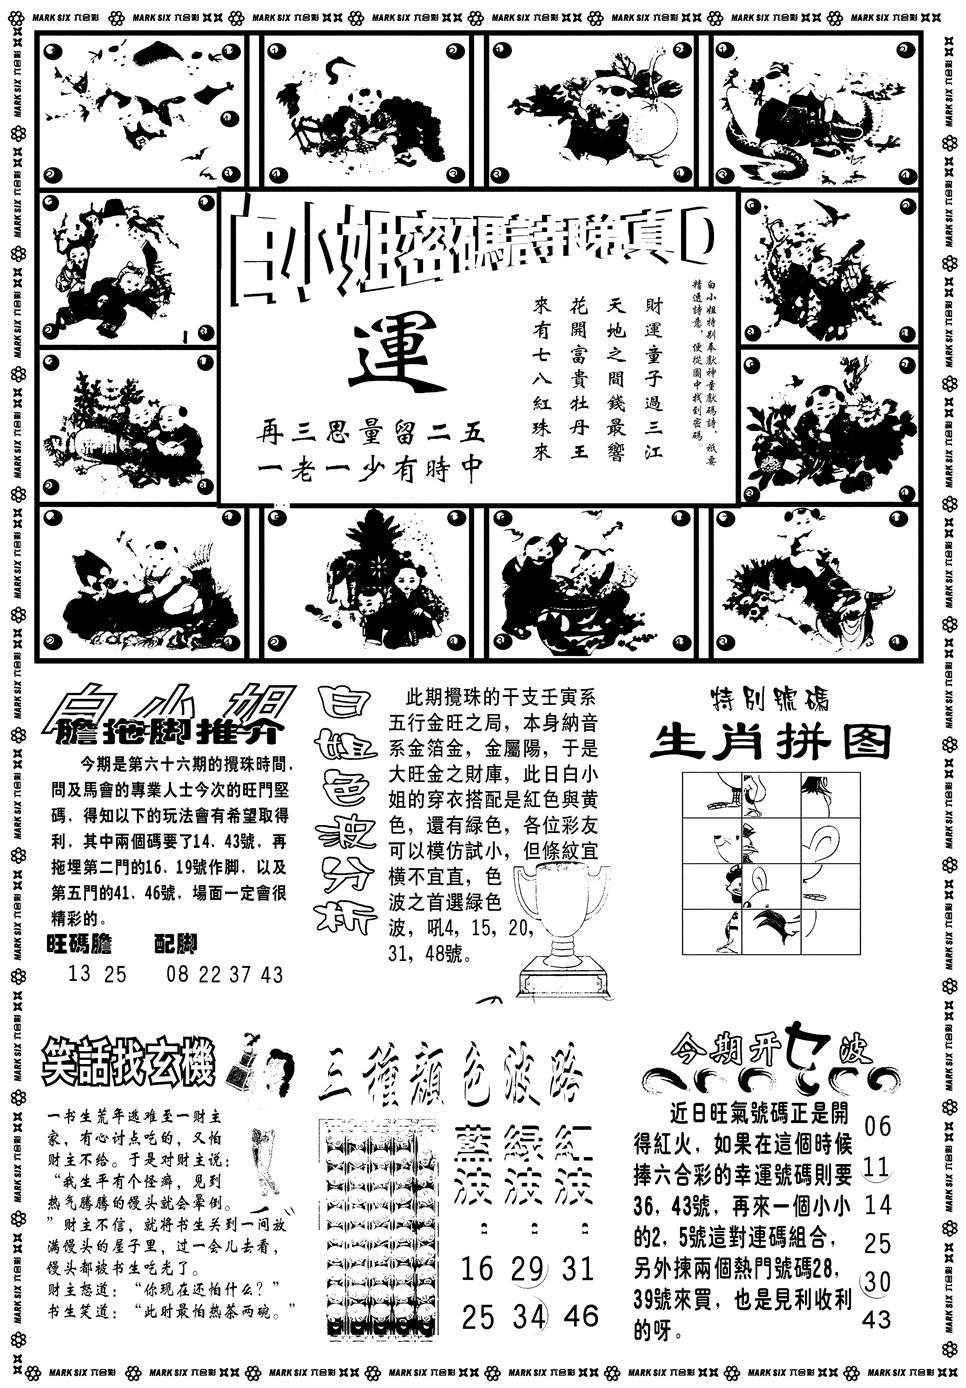 066期白小姐祺袍B(黑白)